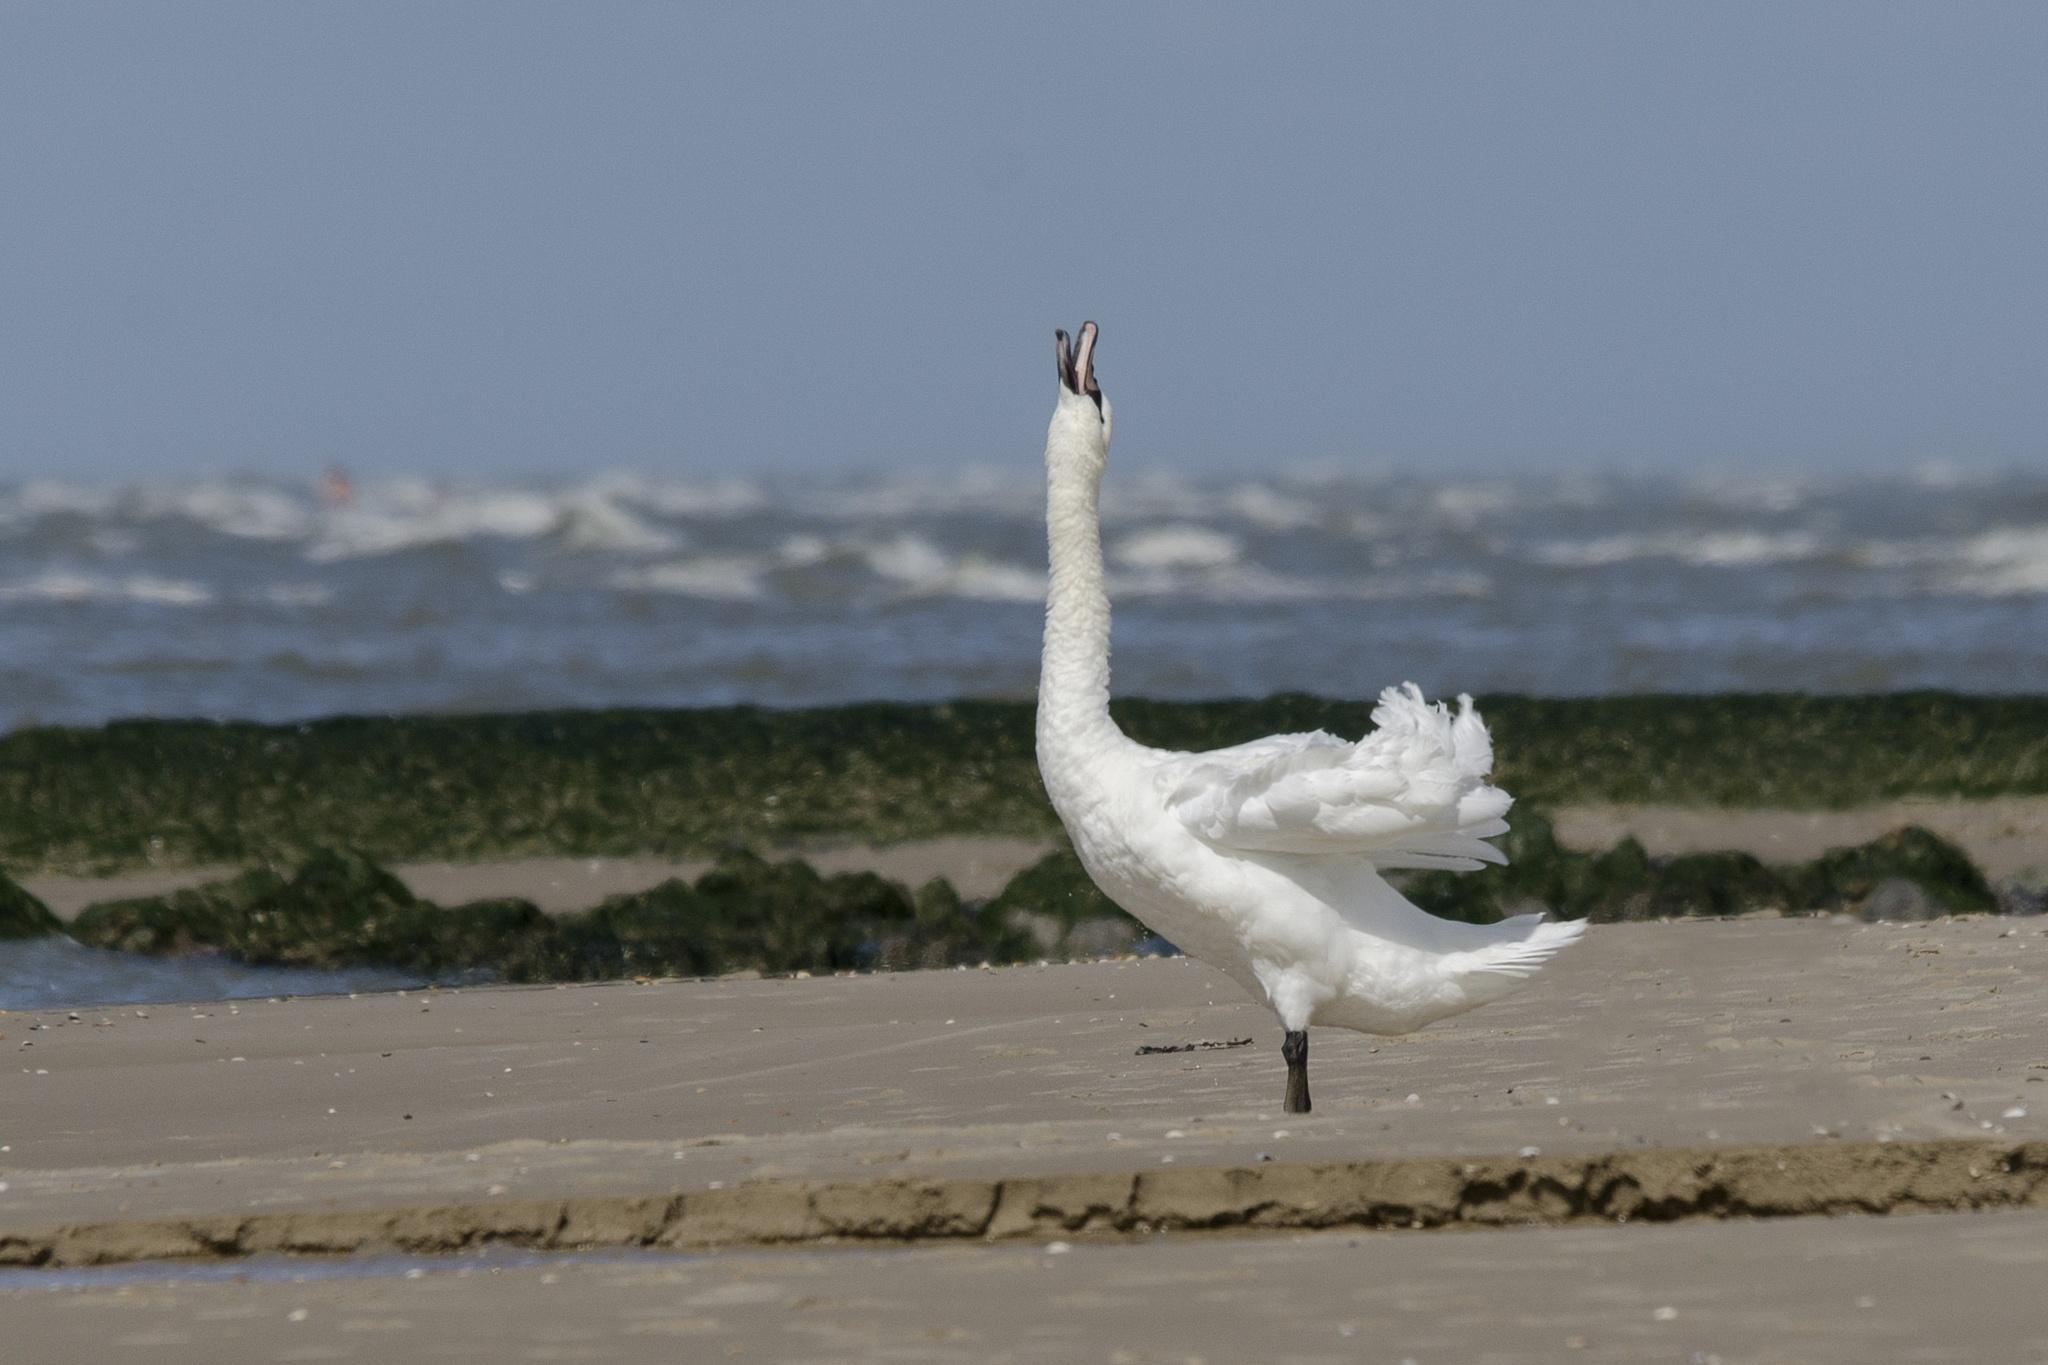 Zwaan op het strand by klaaspelgrim